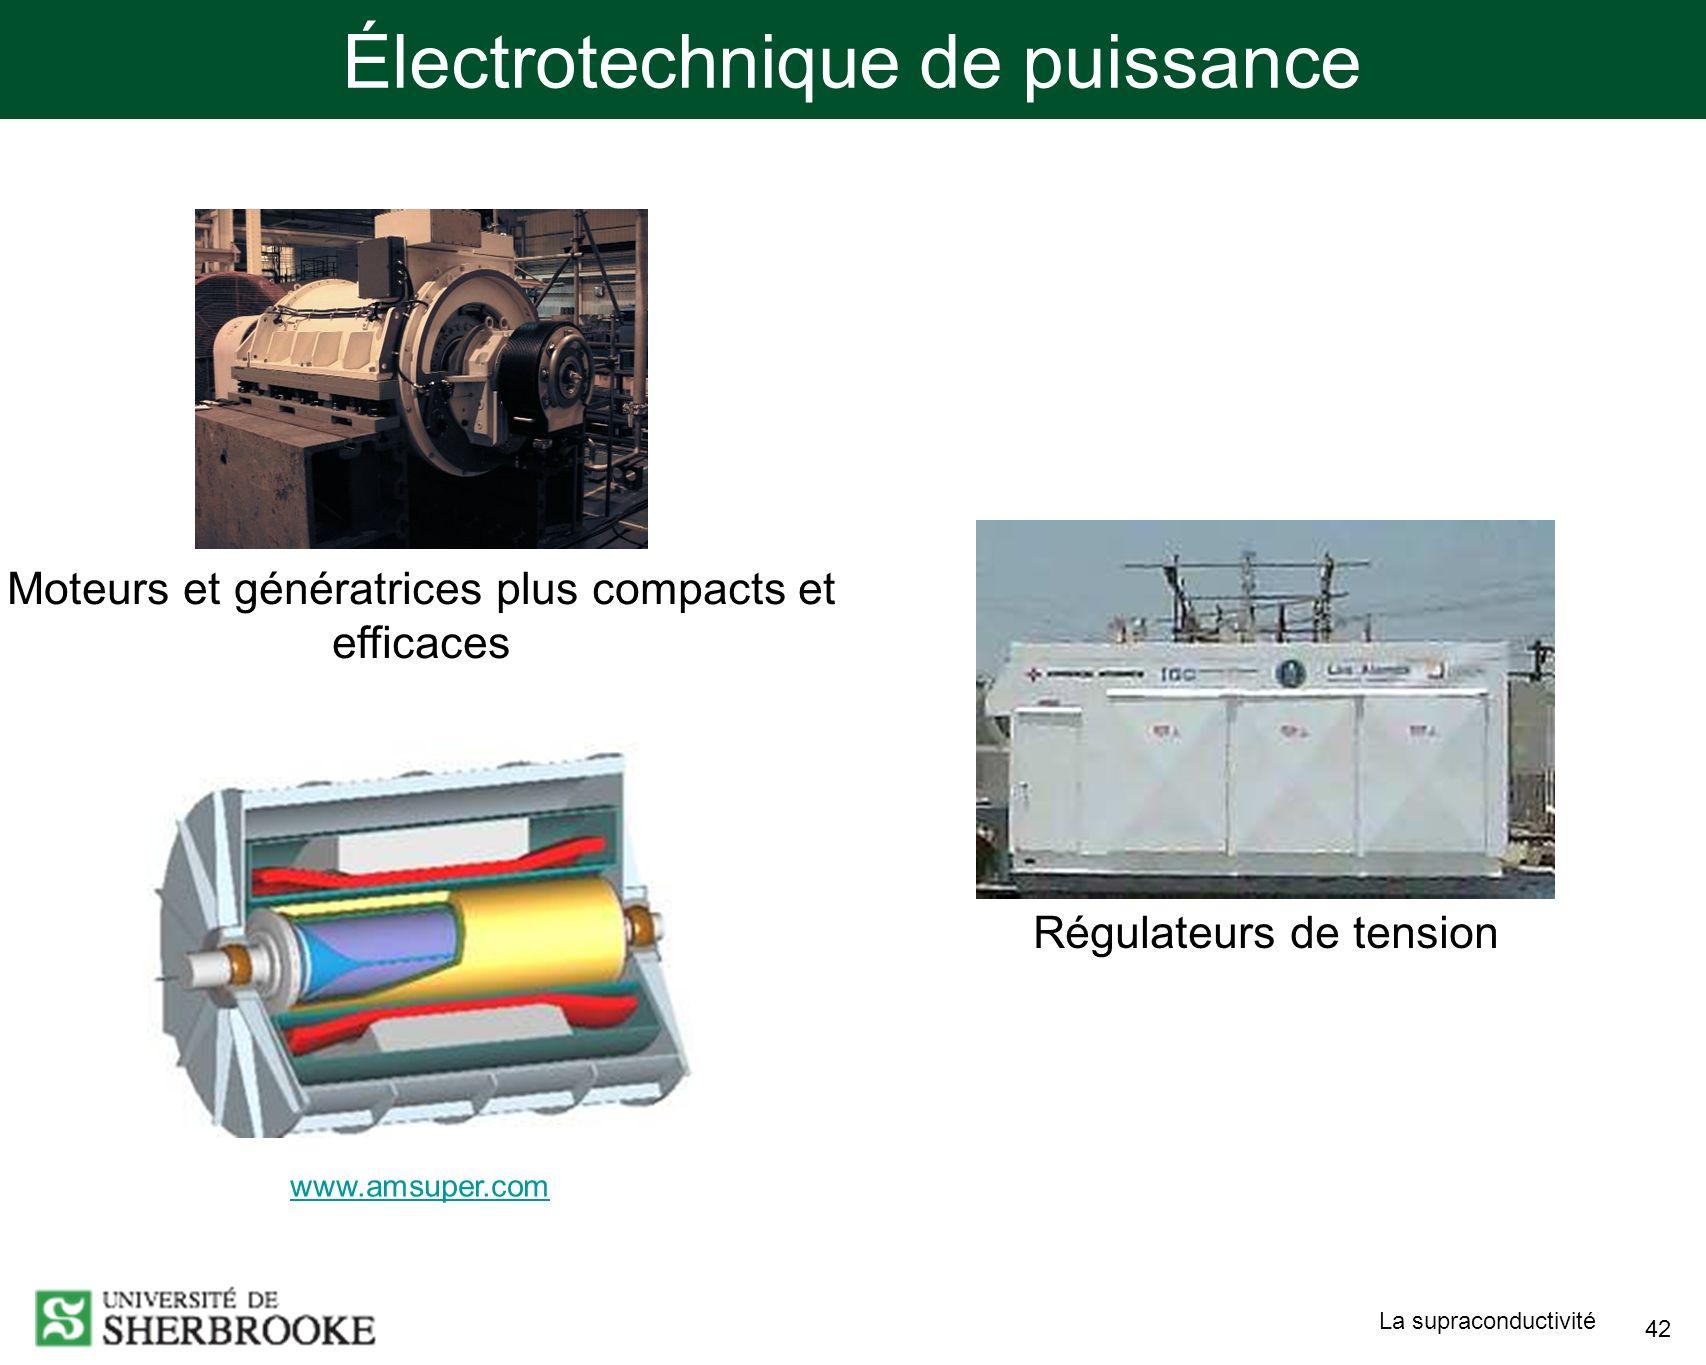 La supraconductivité 42 Électrotechnique de puissance Régulateurs de tension Moteurs et génératrices plus compacts et efficaces www.amsuper.com